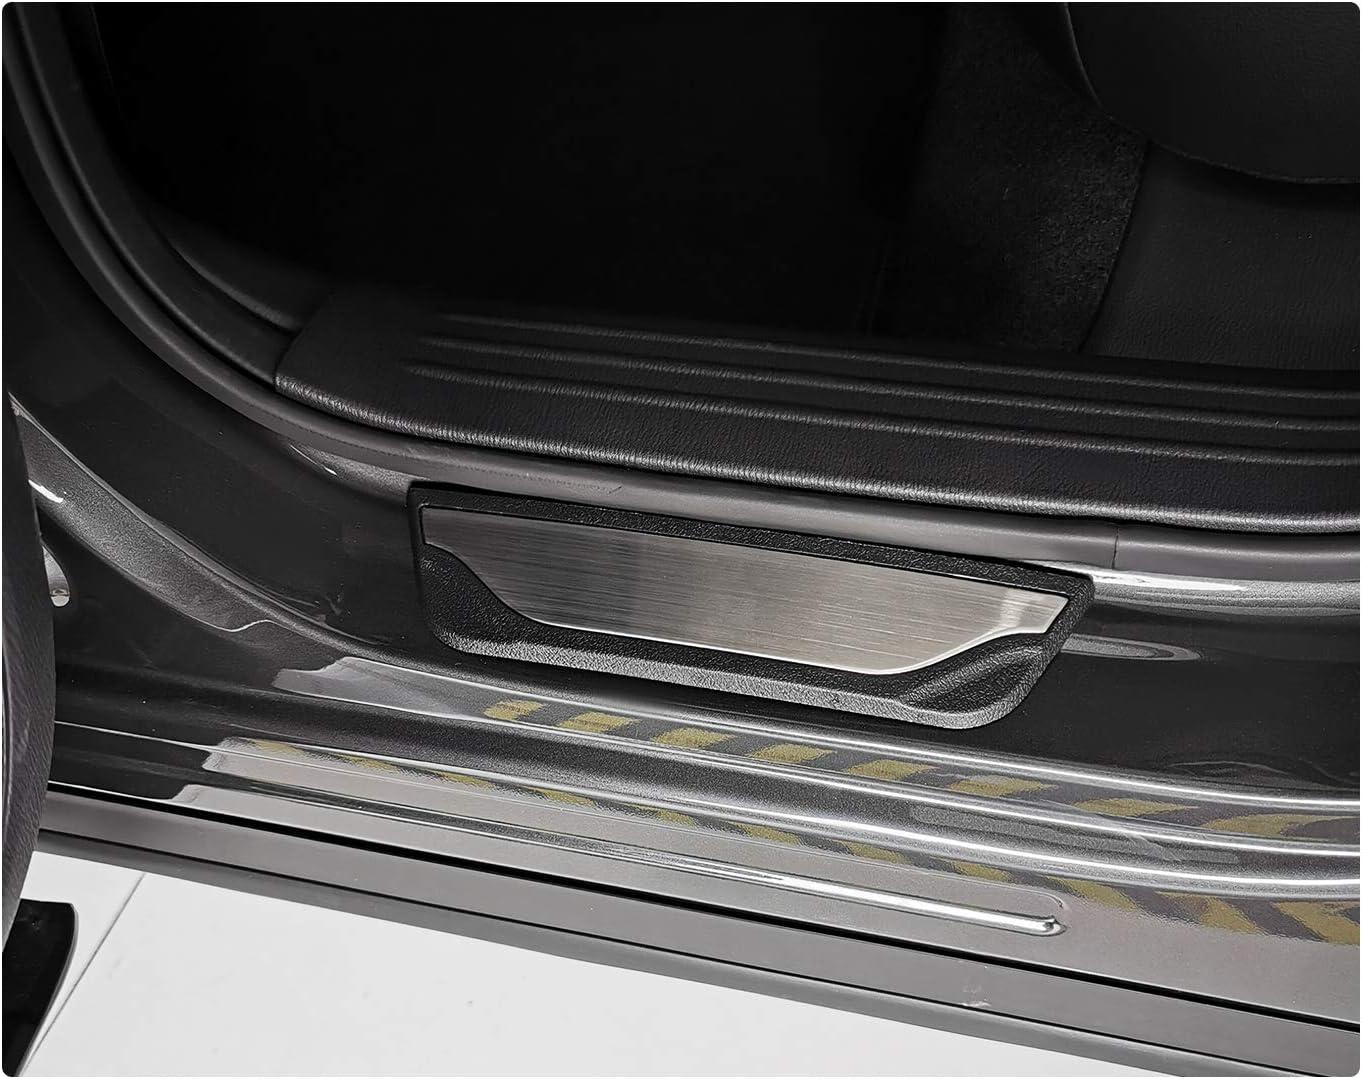 RUIYA Tarraco//Ateca SUV Listones de umbral de acero inoxidable Auto umbral parachoques Protecci/ón listones Auto Puerta de umbral 【 4 Unidades 】